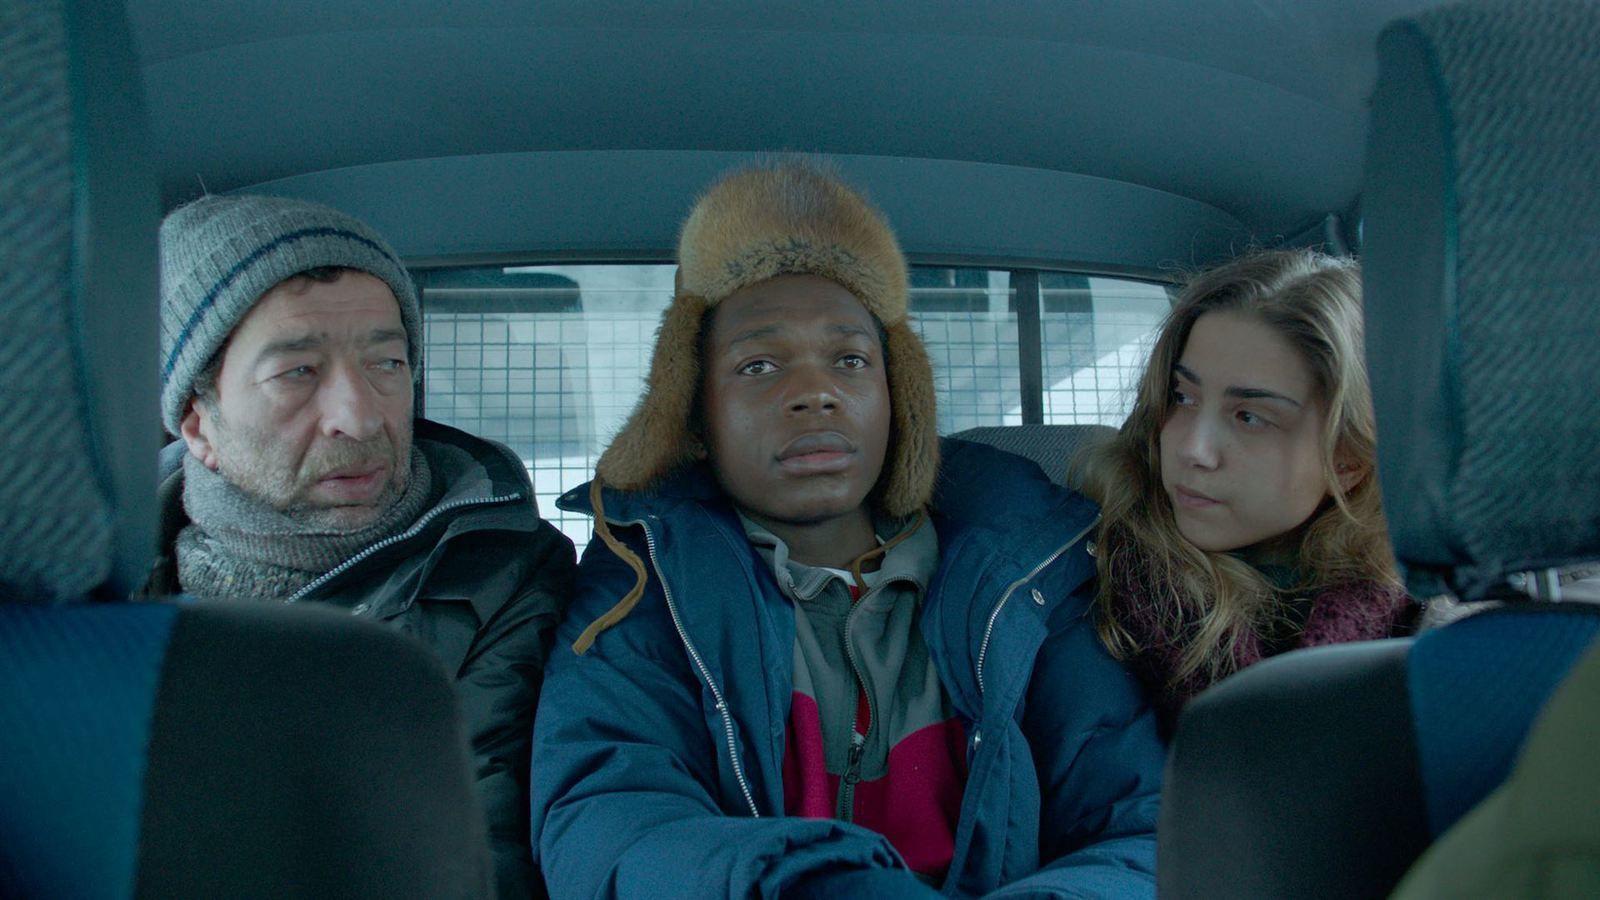 Bienvenus ! (BANDE ANNONCE + 5 EXTRAITS) avec Anders Baasmo Christiansen, Slimane Dazi, Renate Reinsve - Le 7 décembre 2016 au cinéma